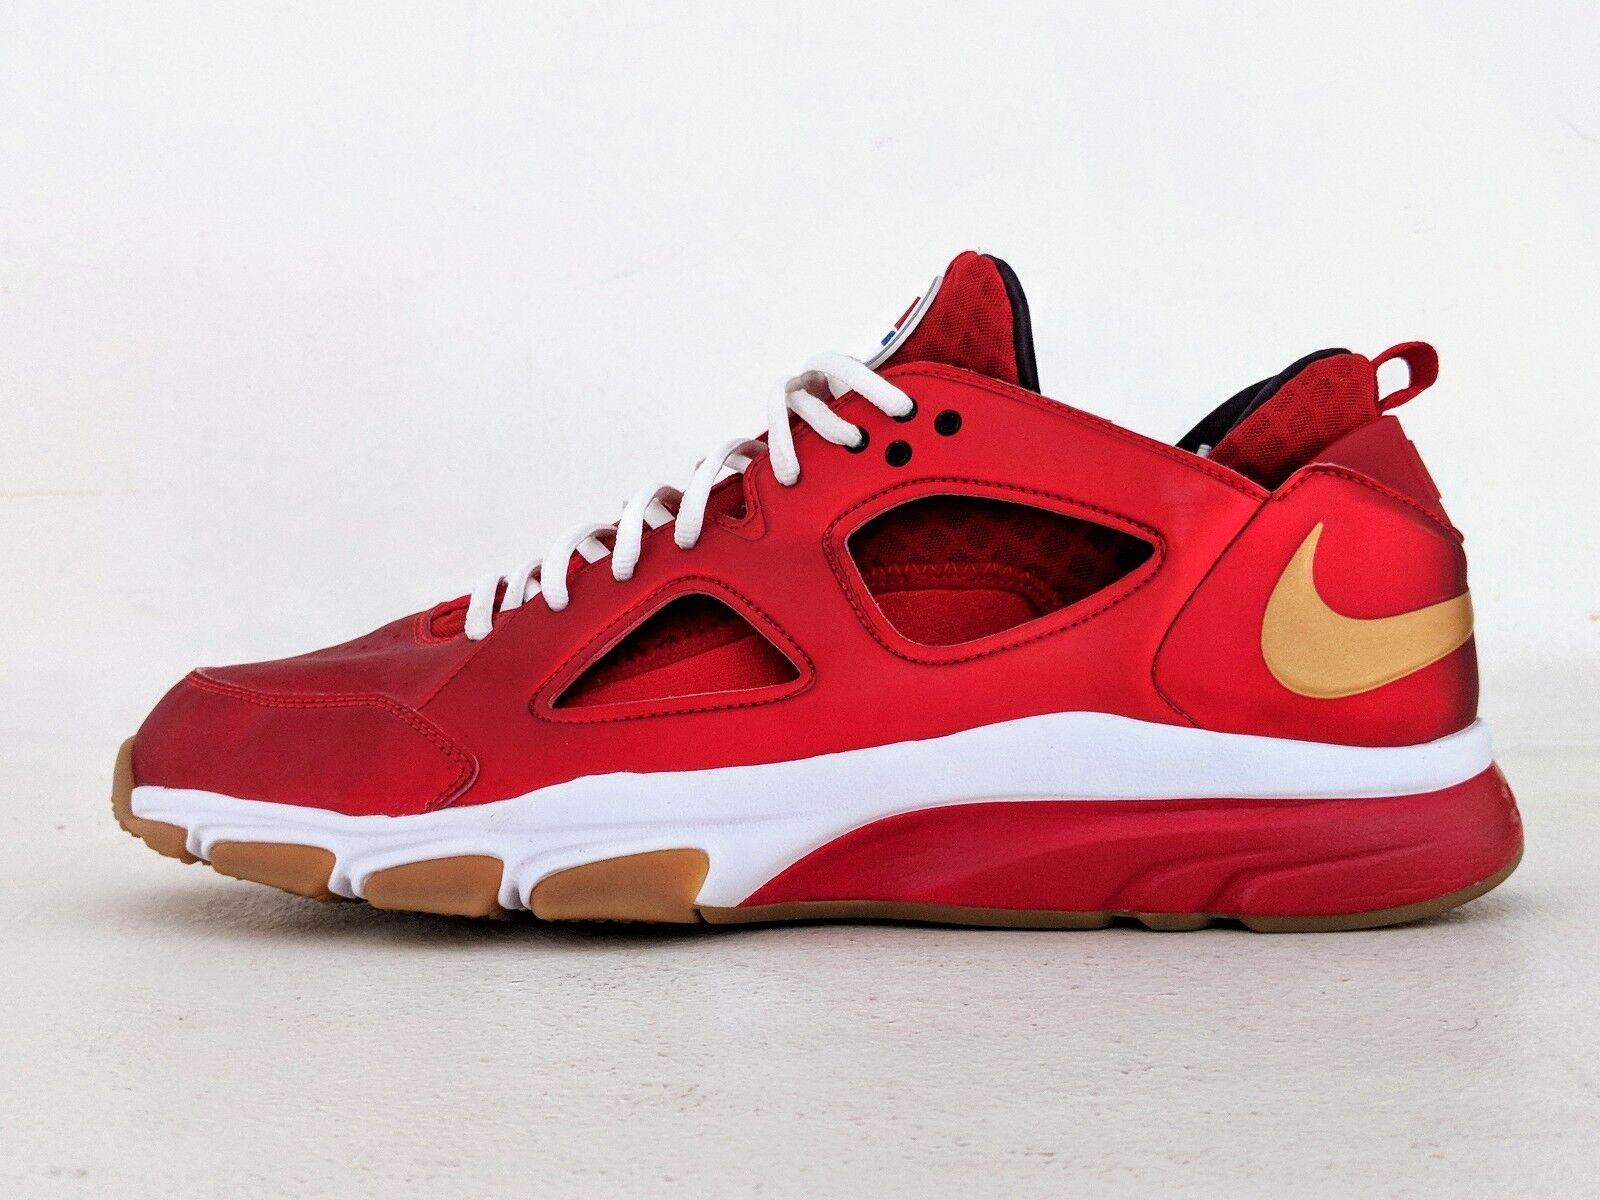 Nike zoom air huarache trainer basso ea sports sz 15 fight night 466512-671 qs del nuovo galles del sud